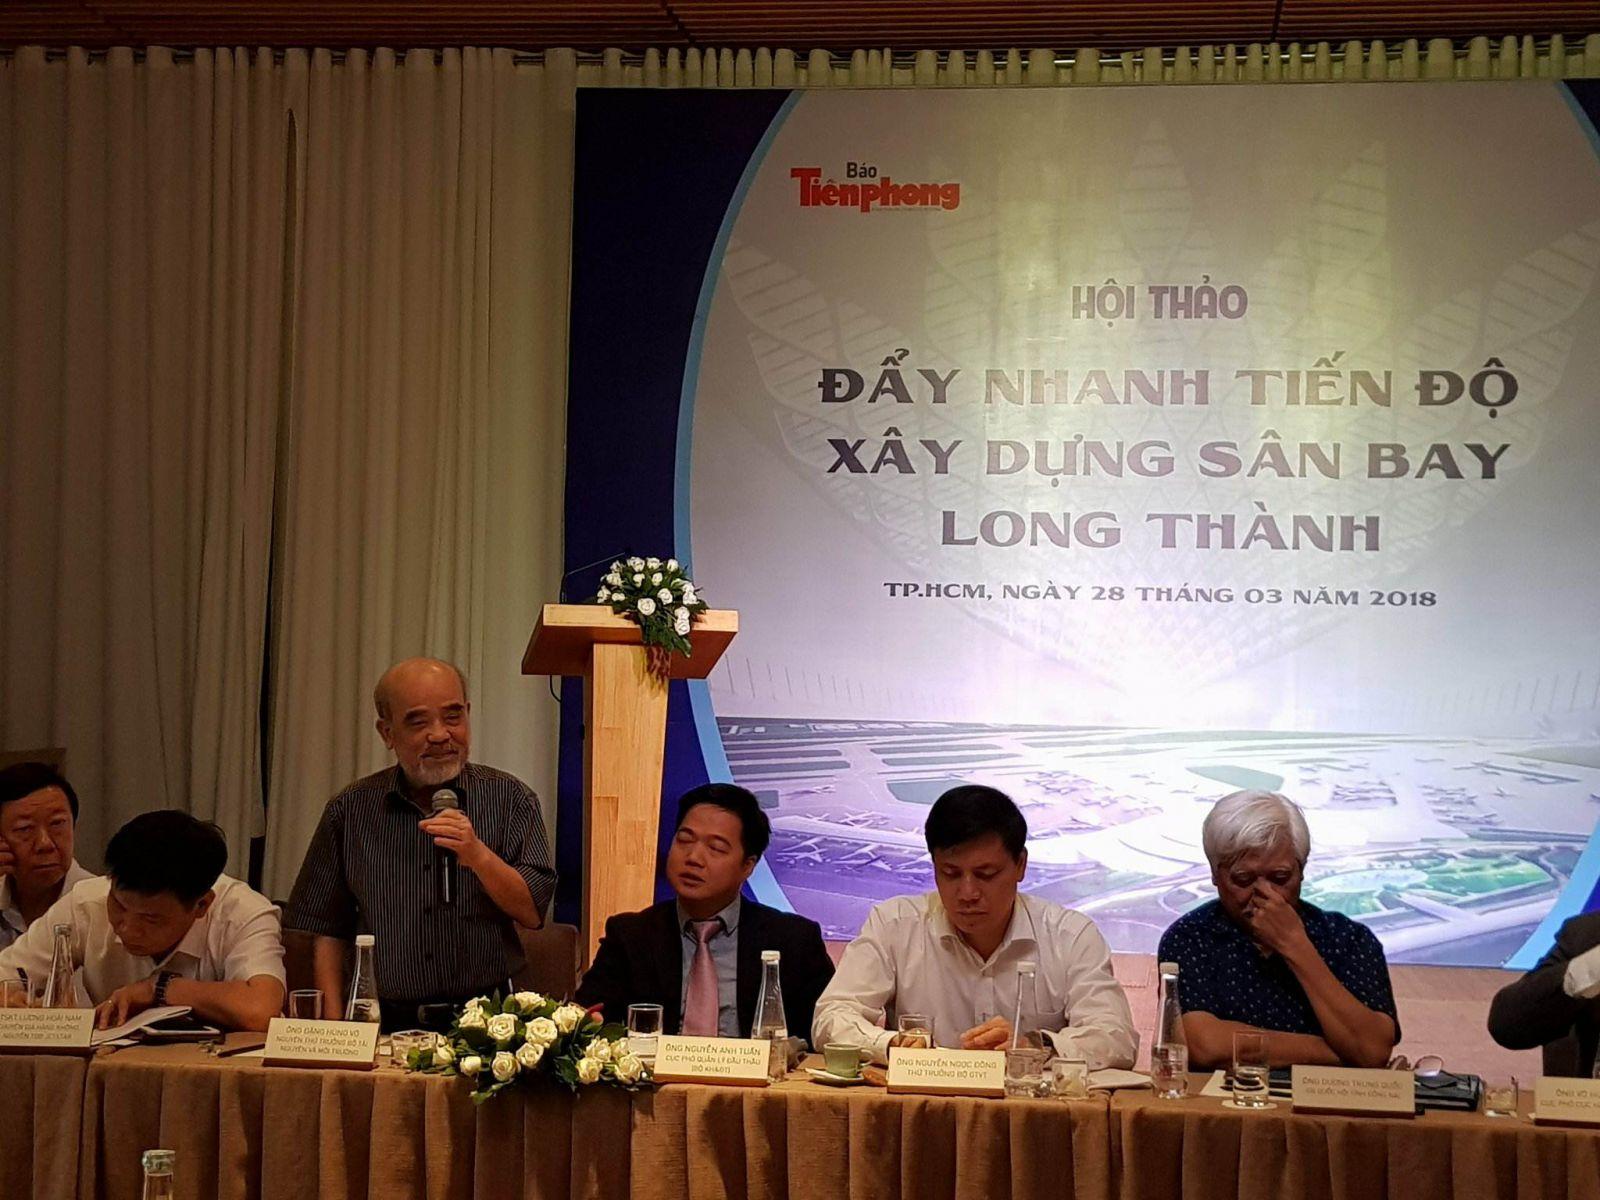 GS.TS Đặng Hùng Võ nguyên thứ trưởng bộ Tài Nguyên và Môi trường phát biểu tại buổi Hội thảo.